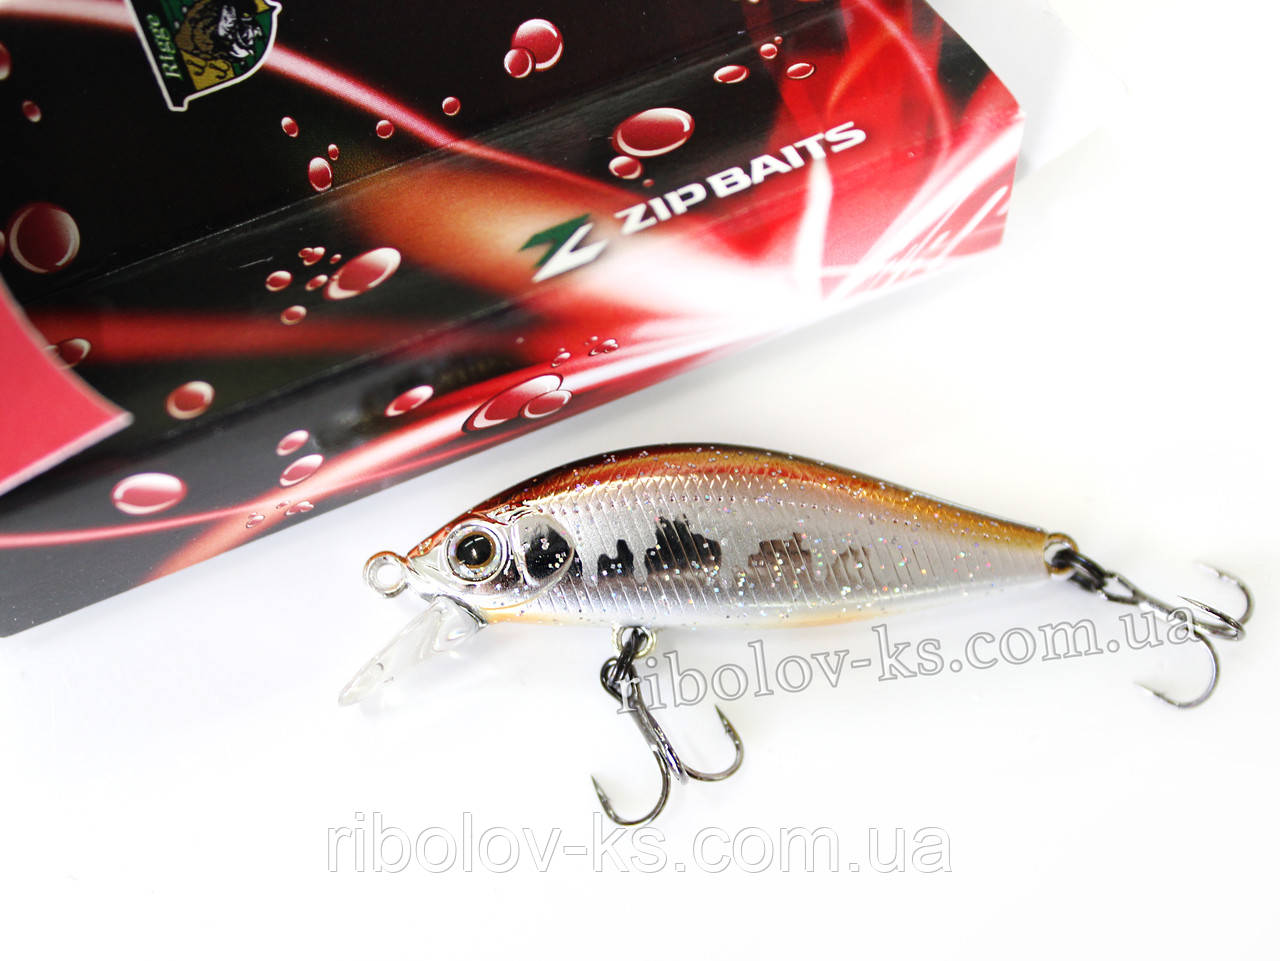 Воблер ZipBaits Rigge Flat 45S #213